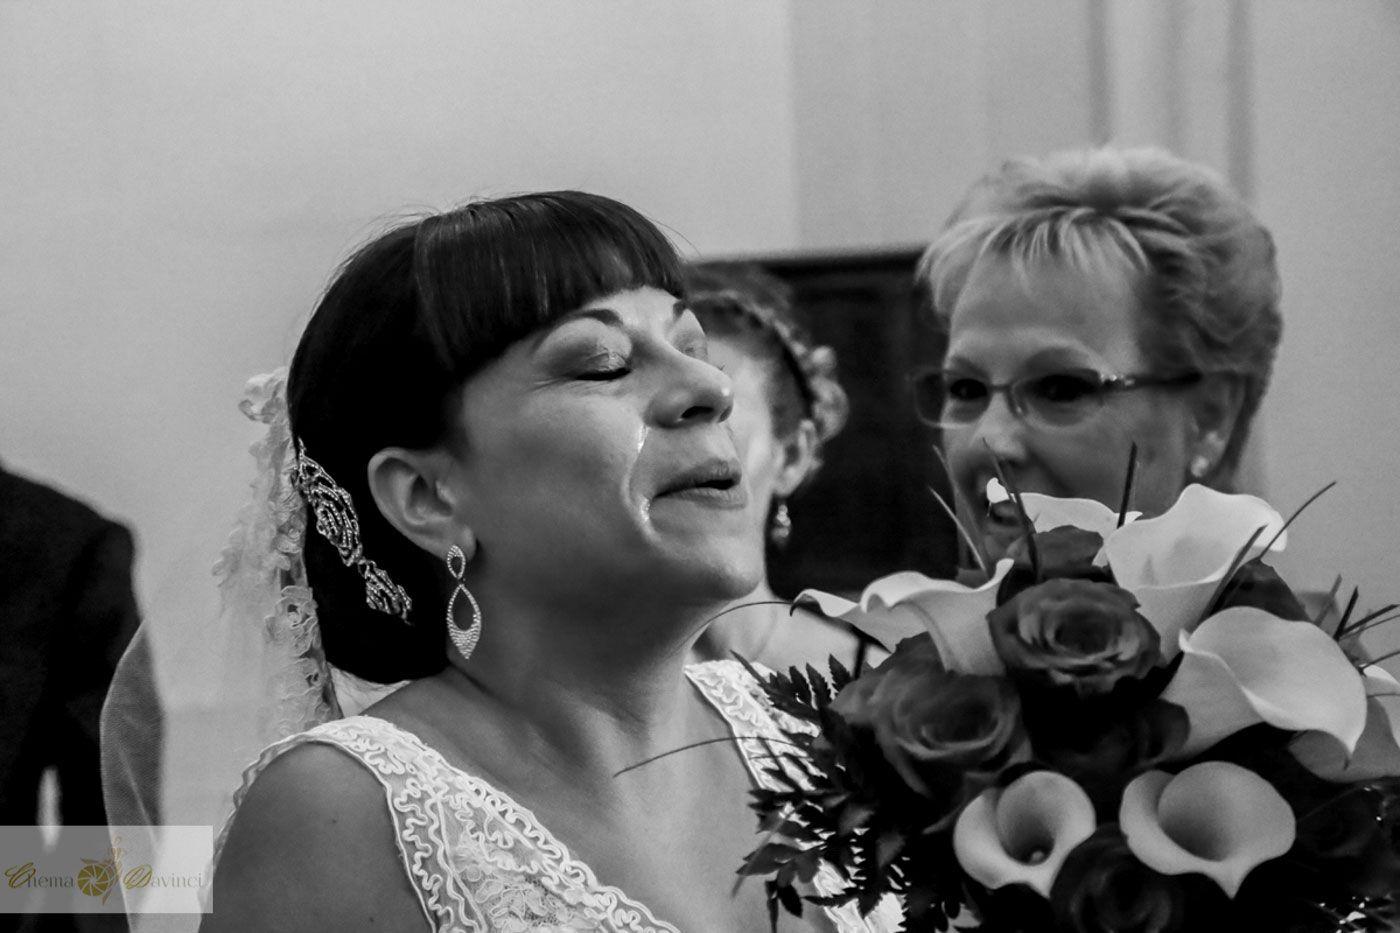 _MG_1316-iglesia-boda-lbertoypili-chemaydavinci-wb